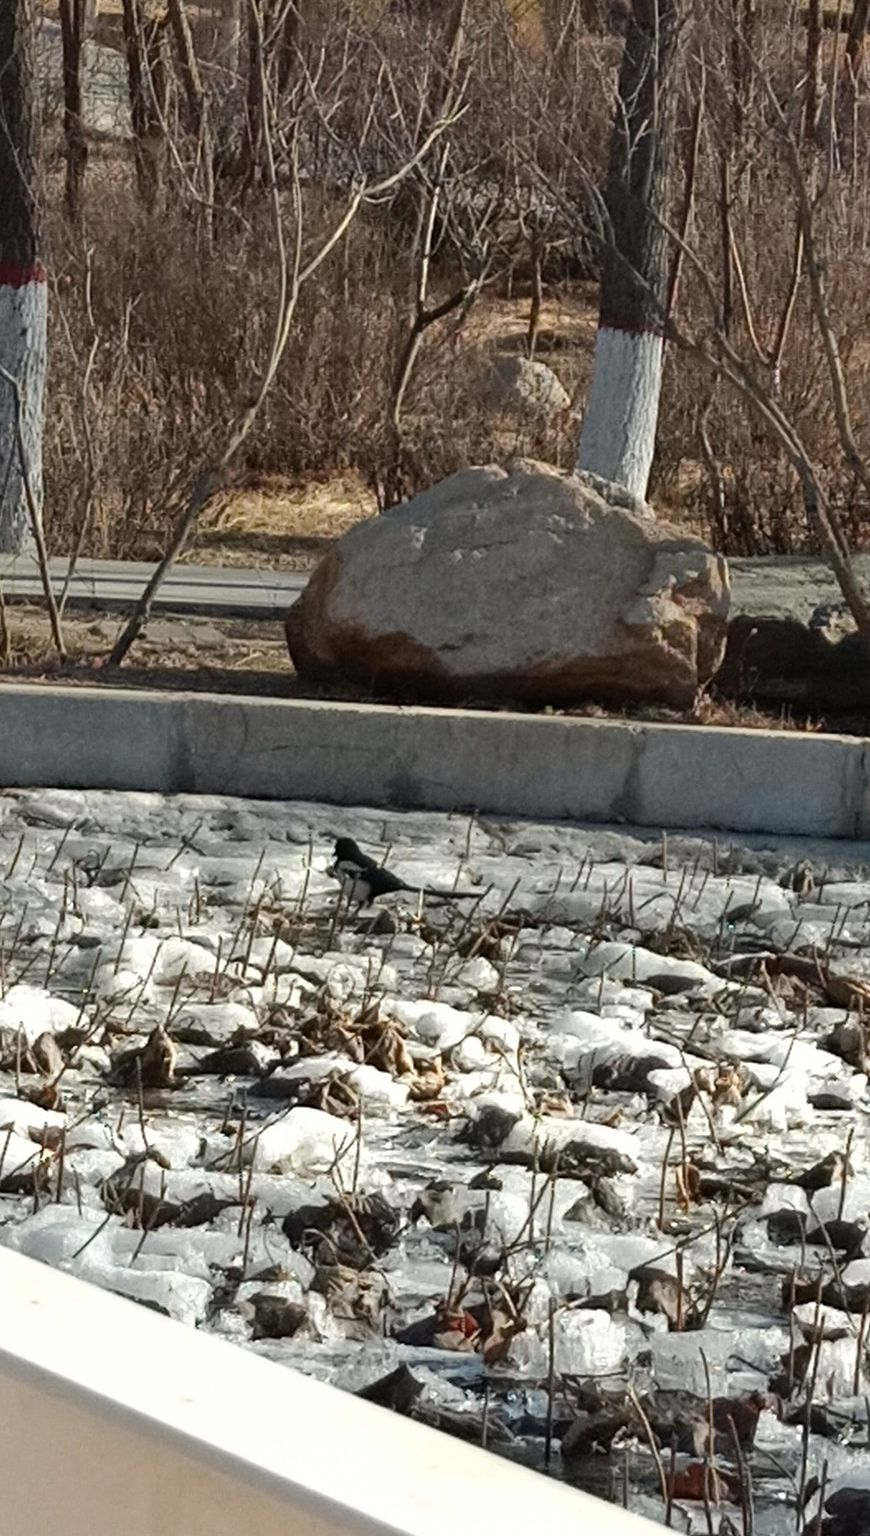 这边乌素图公园春风吹拂的湖面,那边阿尔泰公园还有冰冻的小鱼